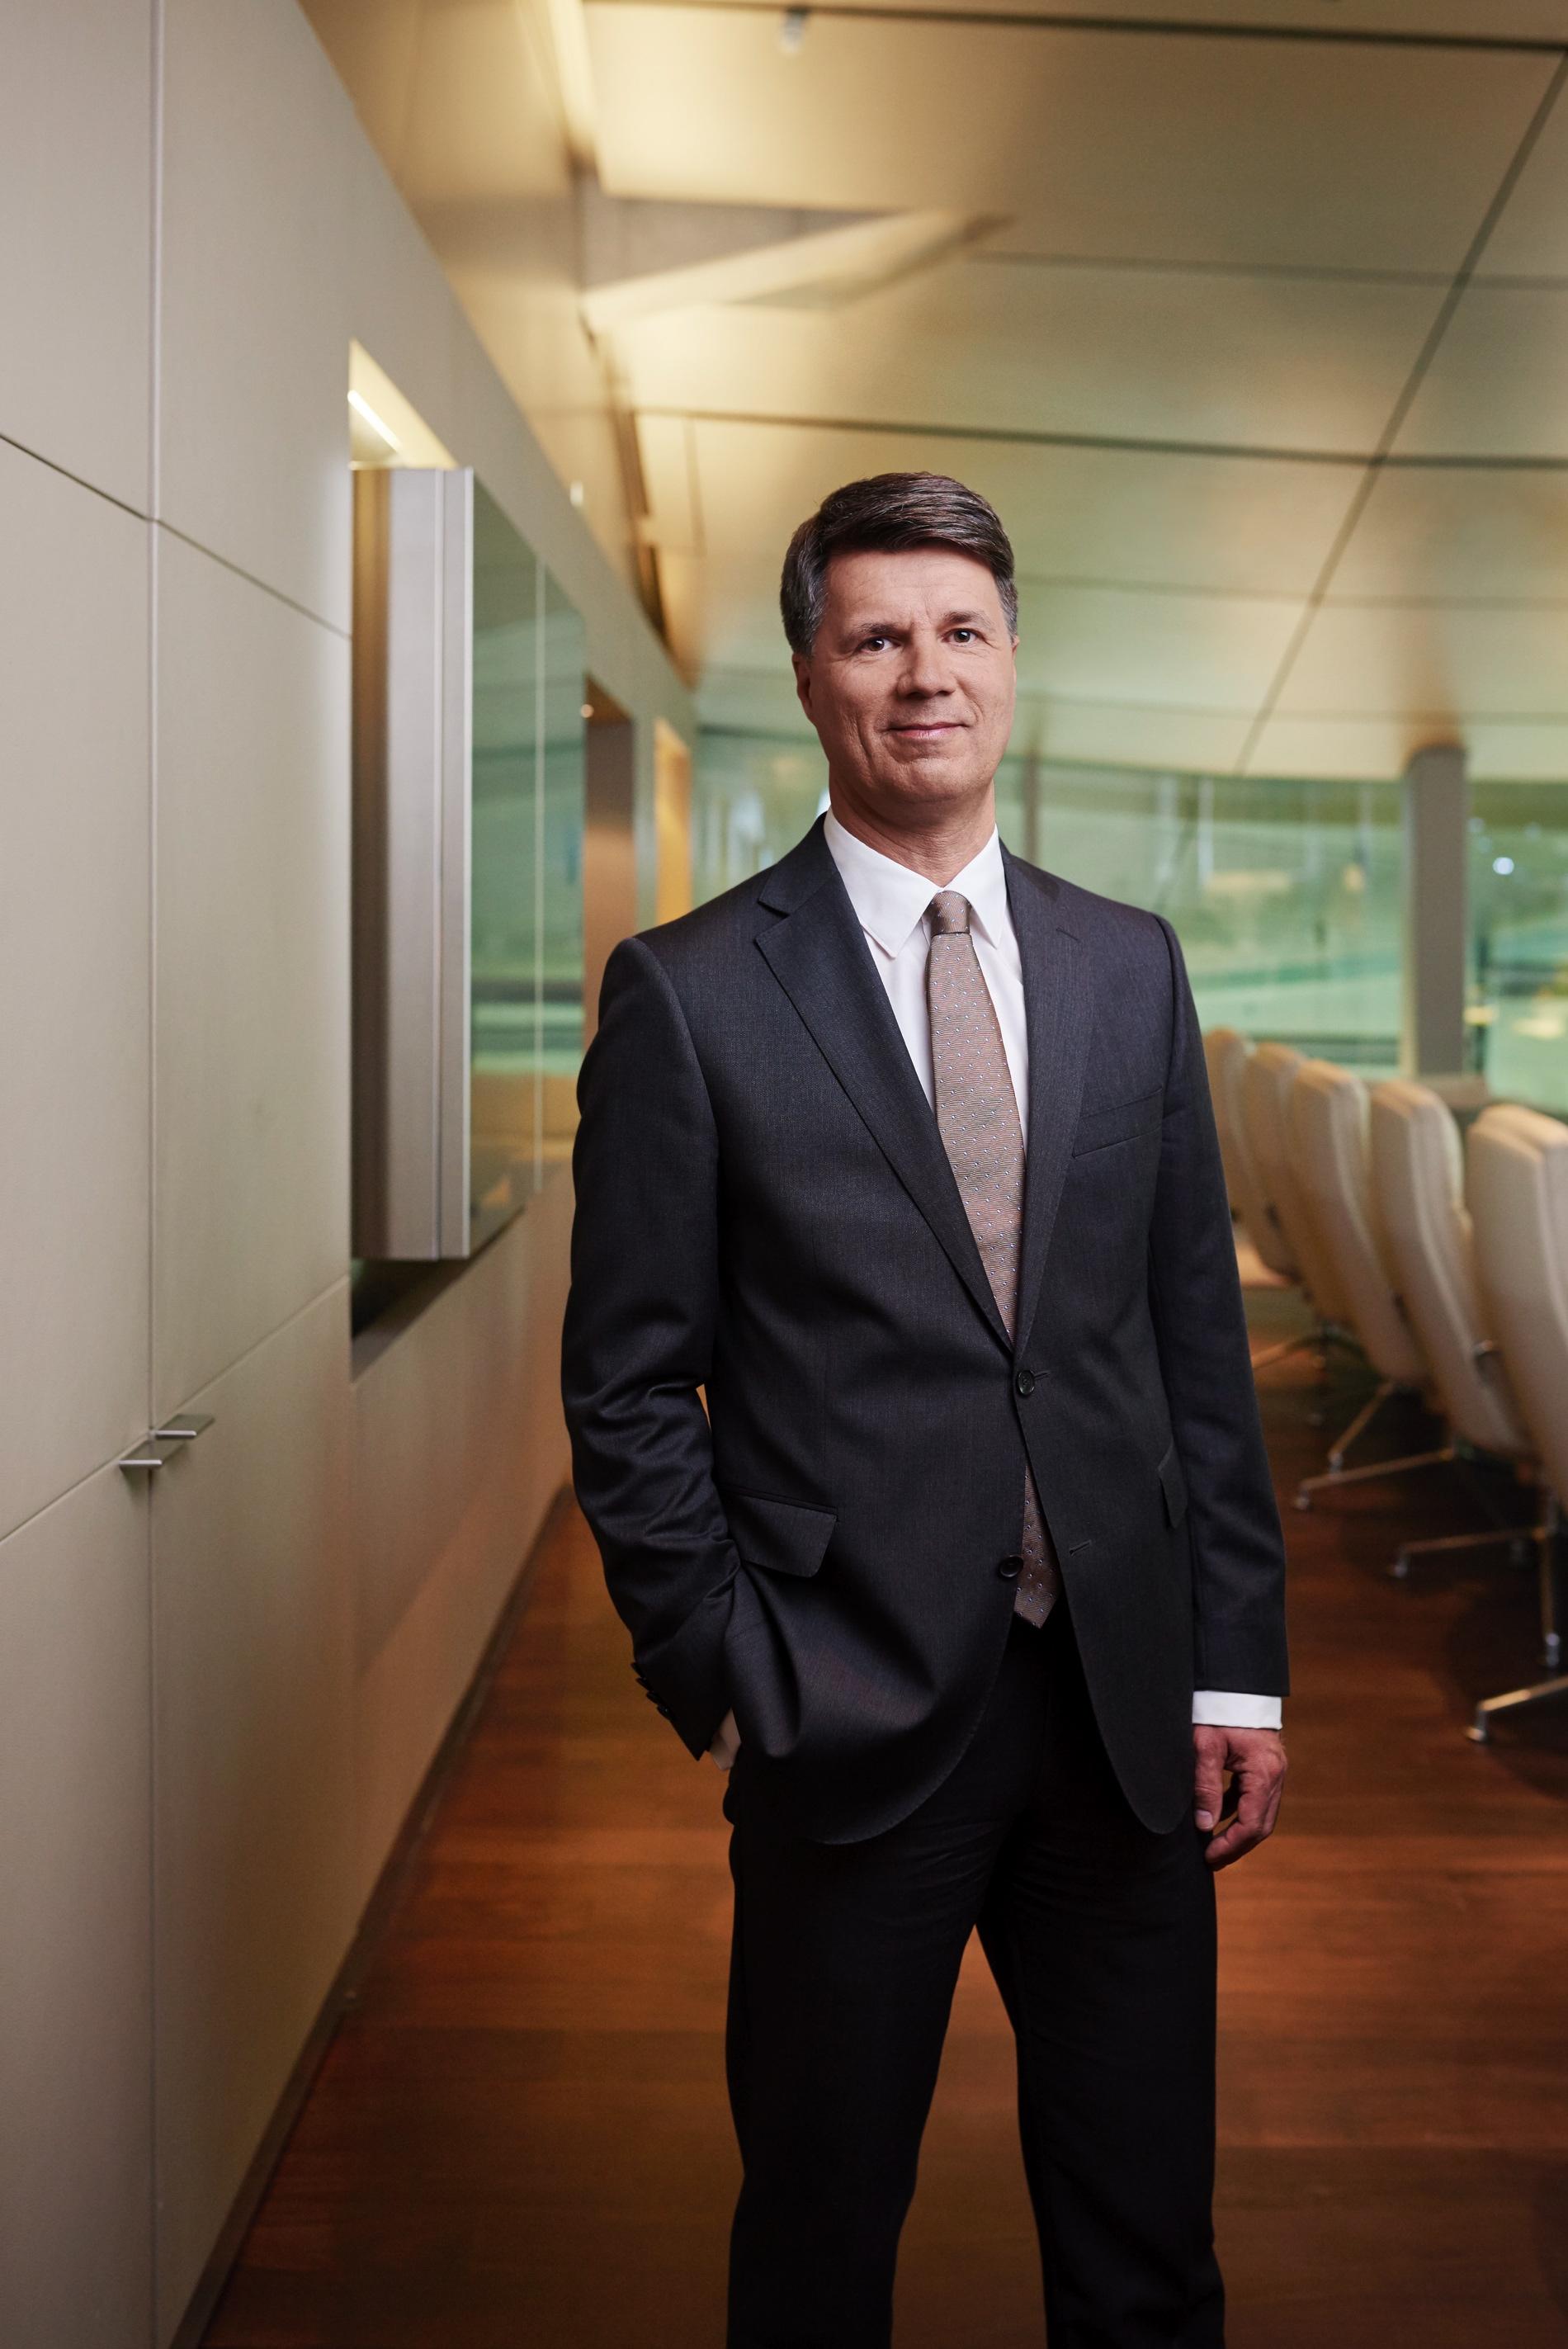 Harald Kruger bmw CEO image 02